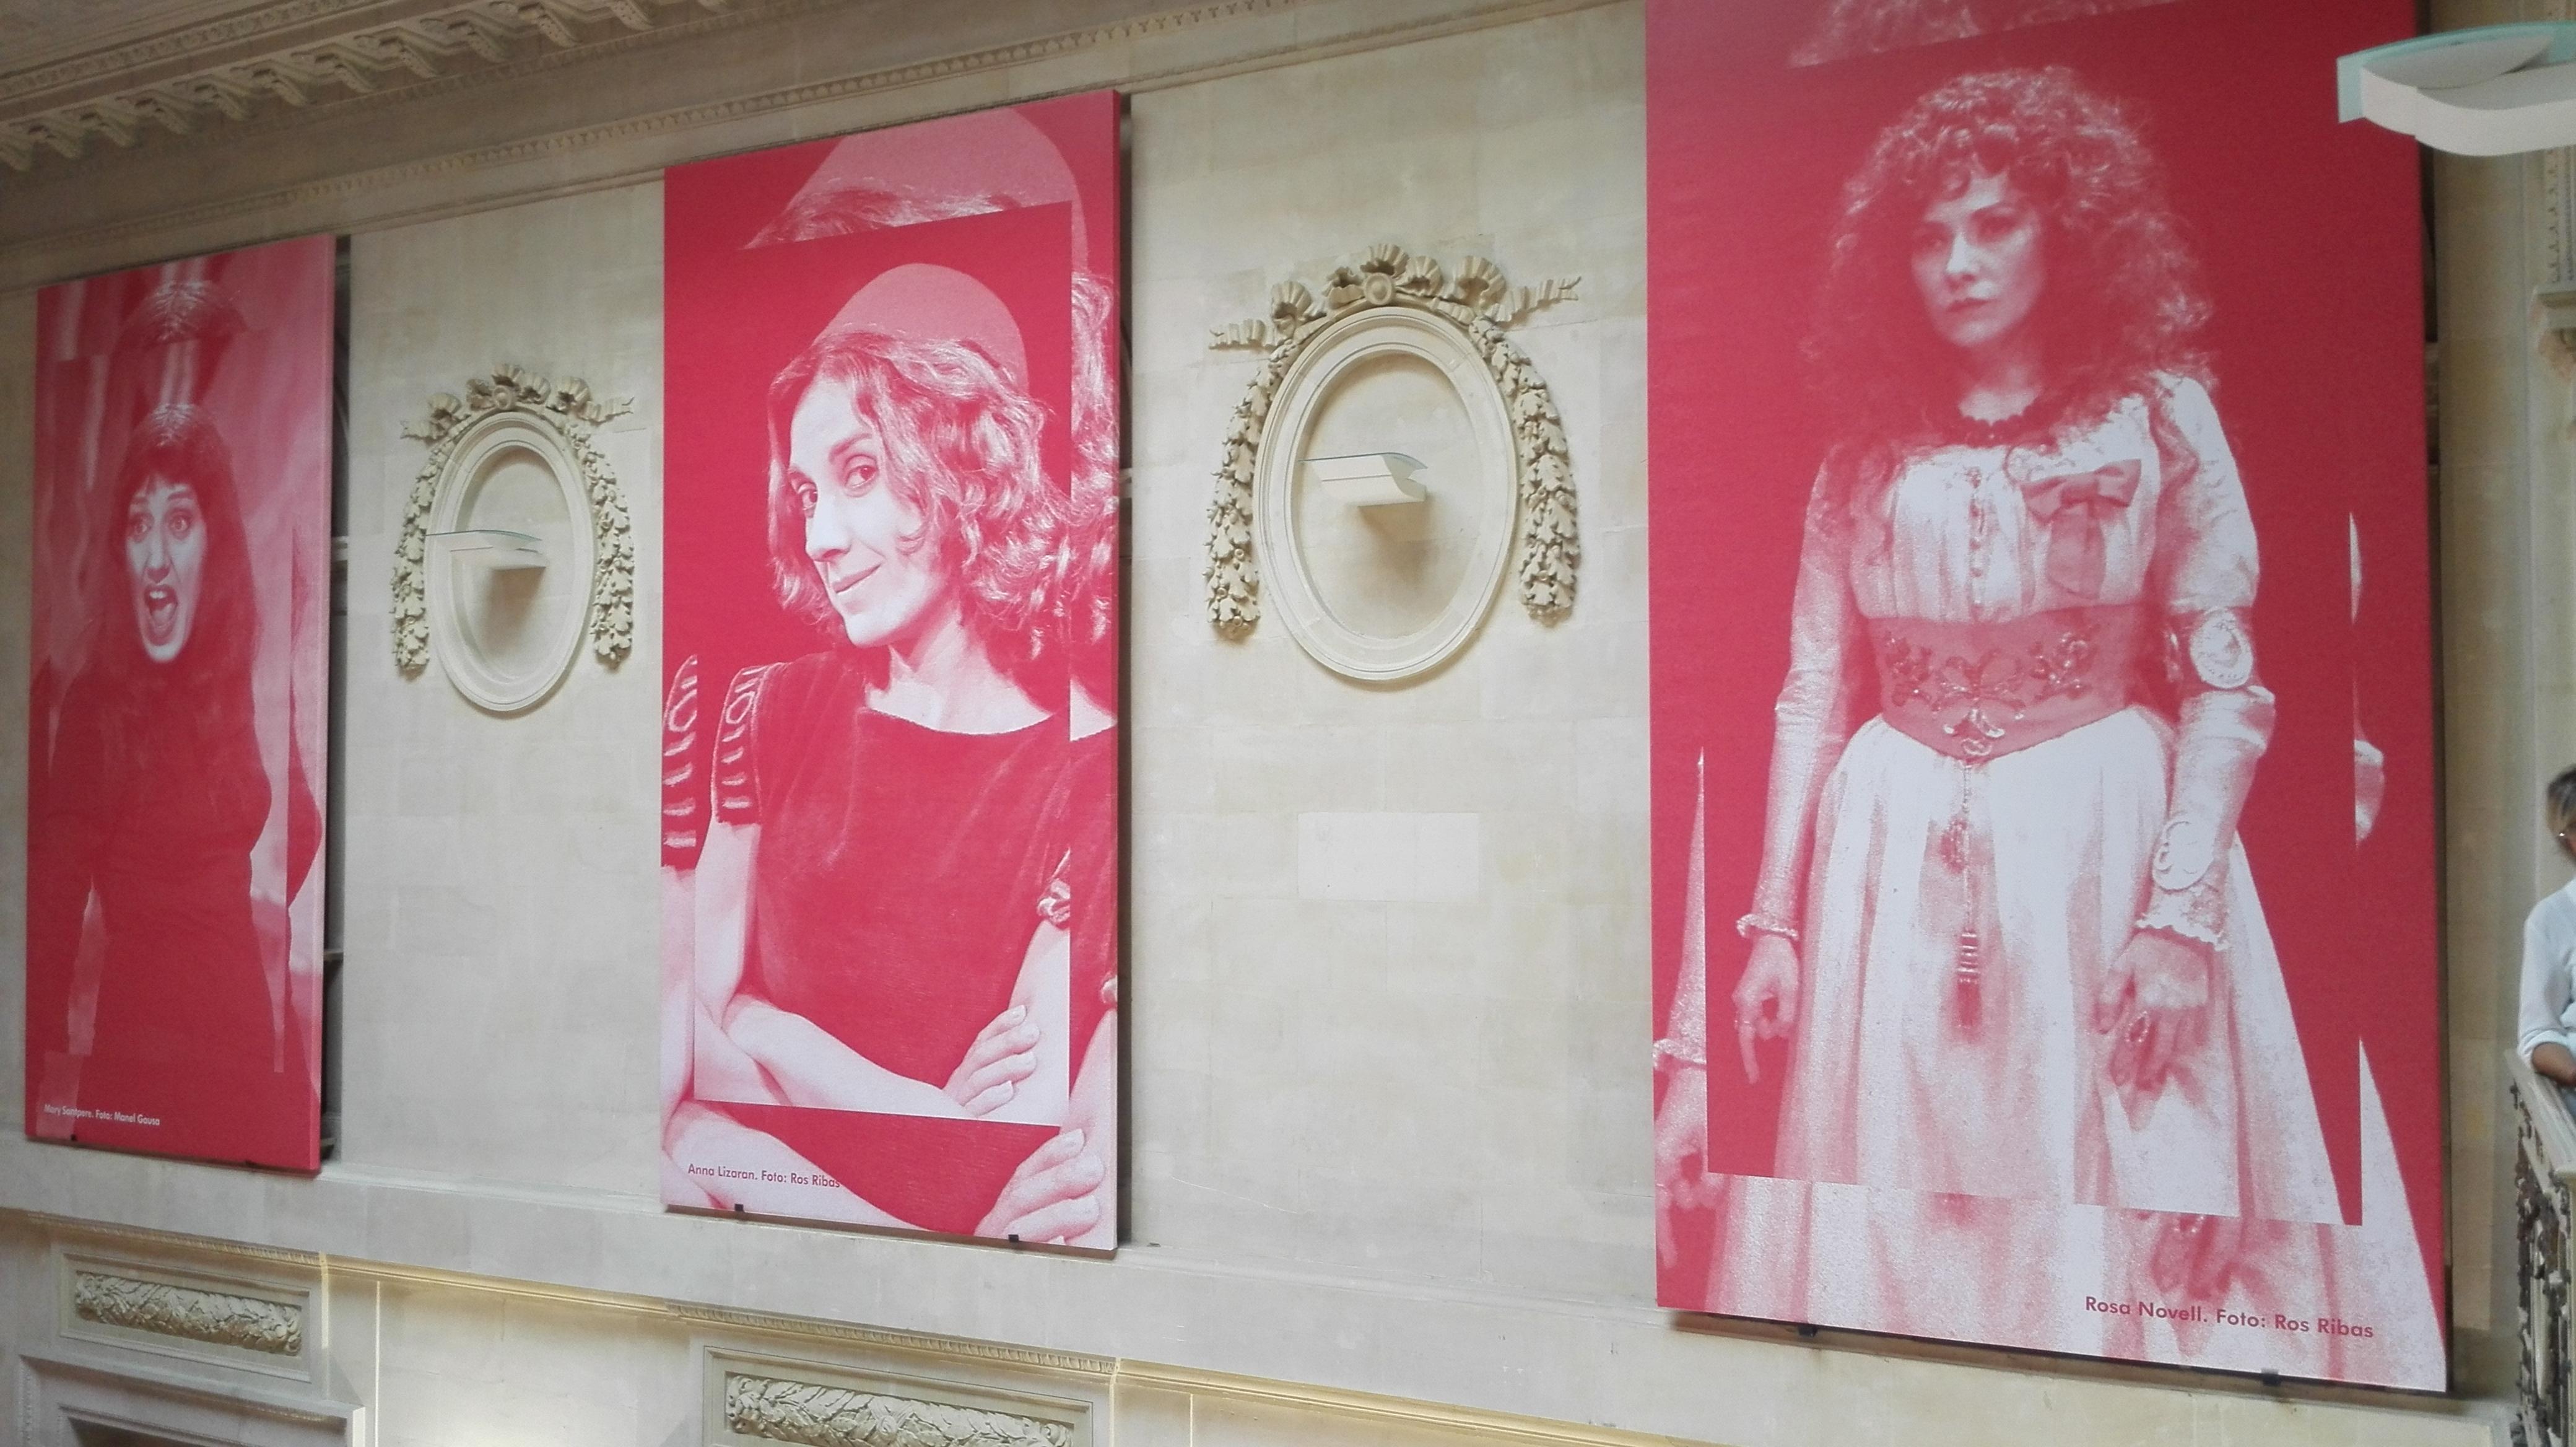 Exposició Actrius catalanes del segle XX, Palau Robert de Barcelona, del 27 d'octubre de 2015 al 27 de març de 2016